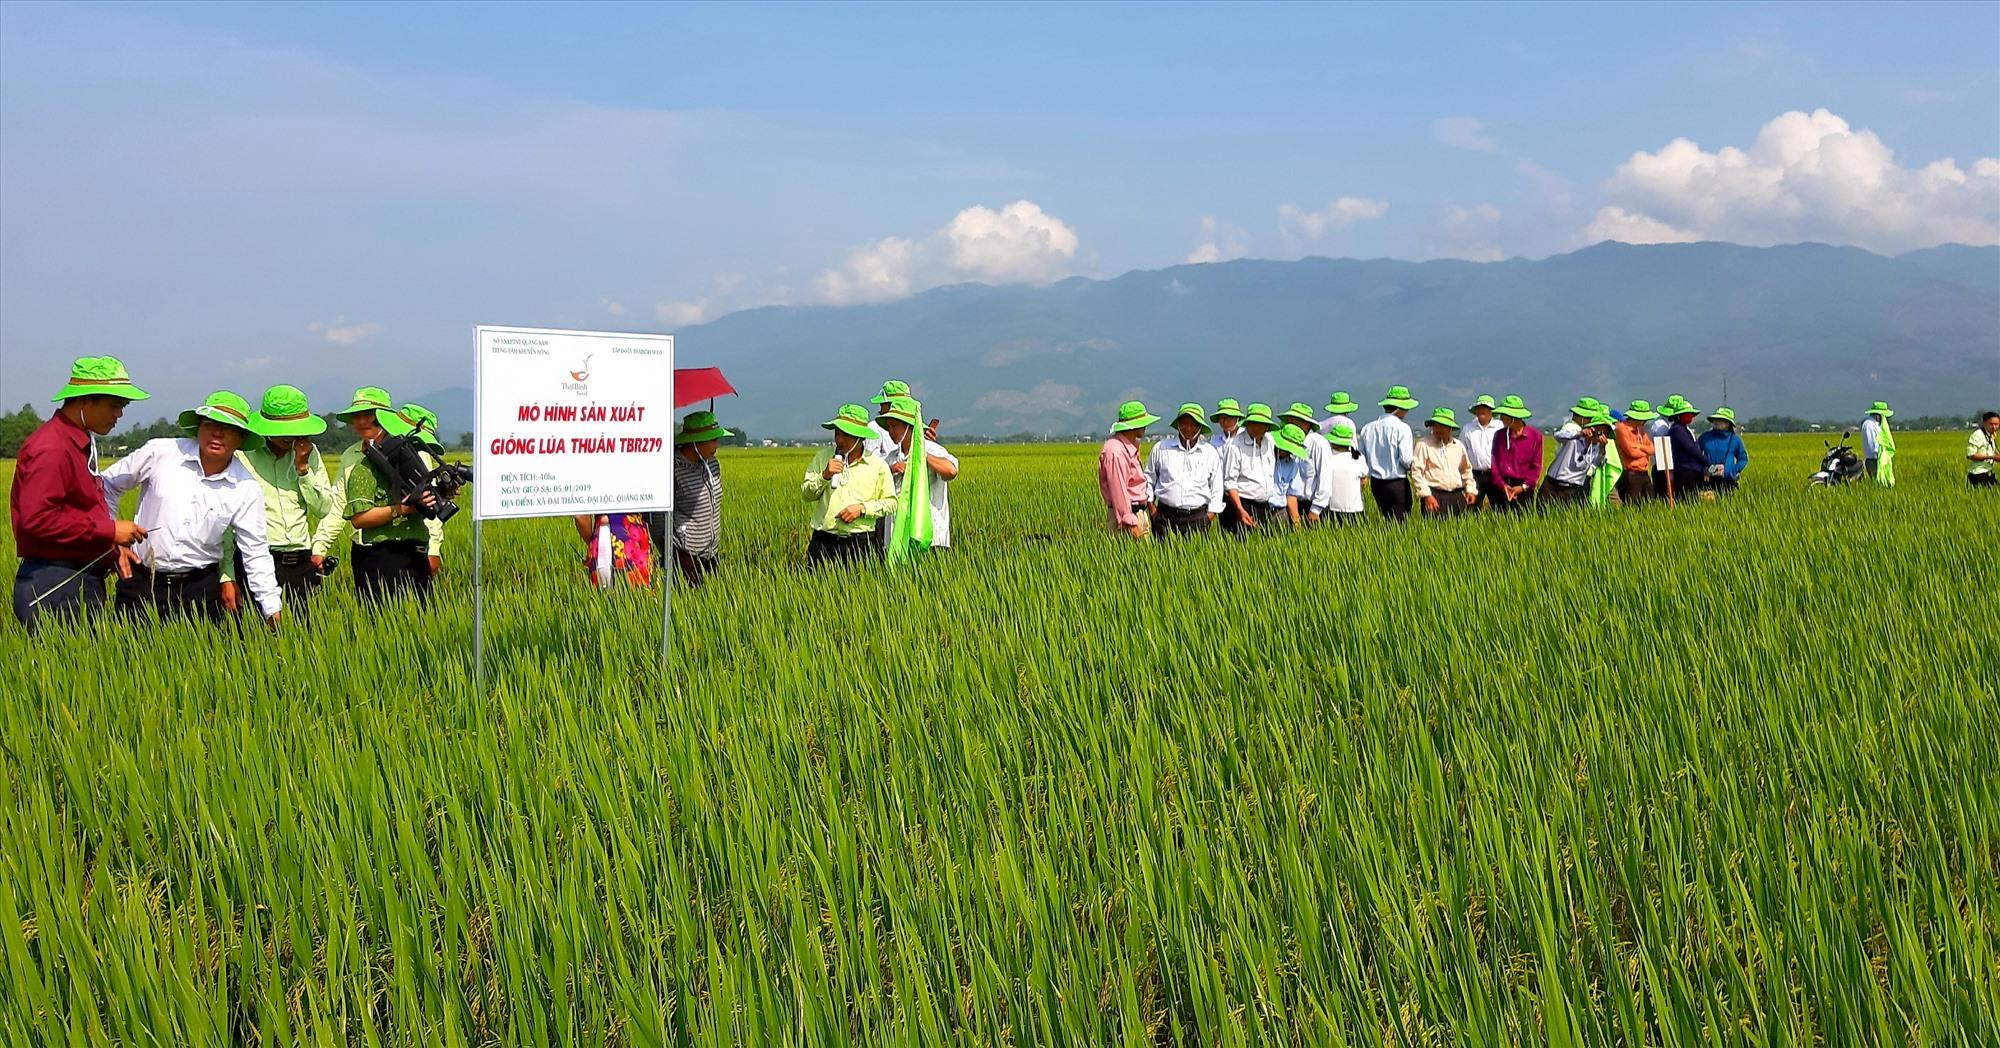 Bình quân hằng năm, Tập đoàn ThaiBinh Seed - Chi nhánh miền Trung & Tây Nguyên liên kết với nông dân trên địa bàn tỉnh sản xuất ít nhất 1.500ha giống lúa hàng hóa theo phương thức bao tiêu sản phẩm. Ảnh: VĂN SỰ